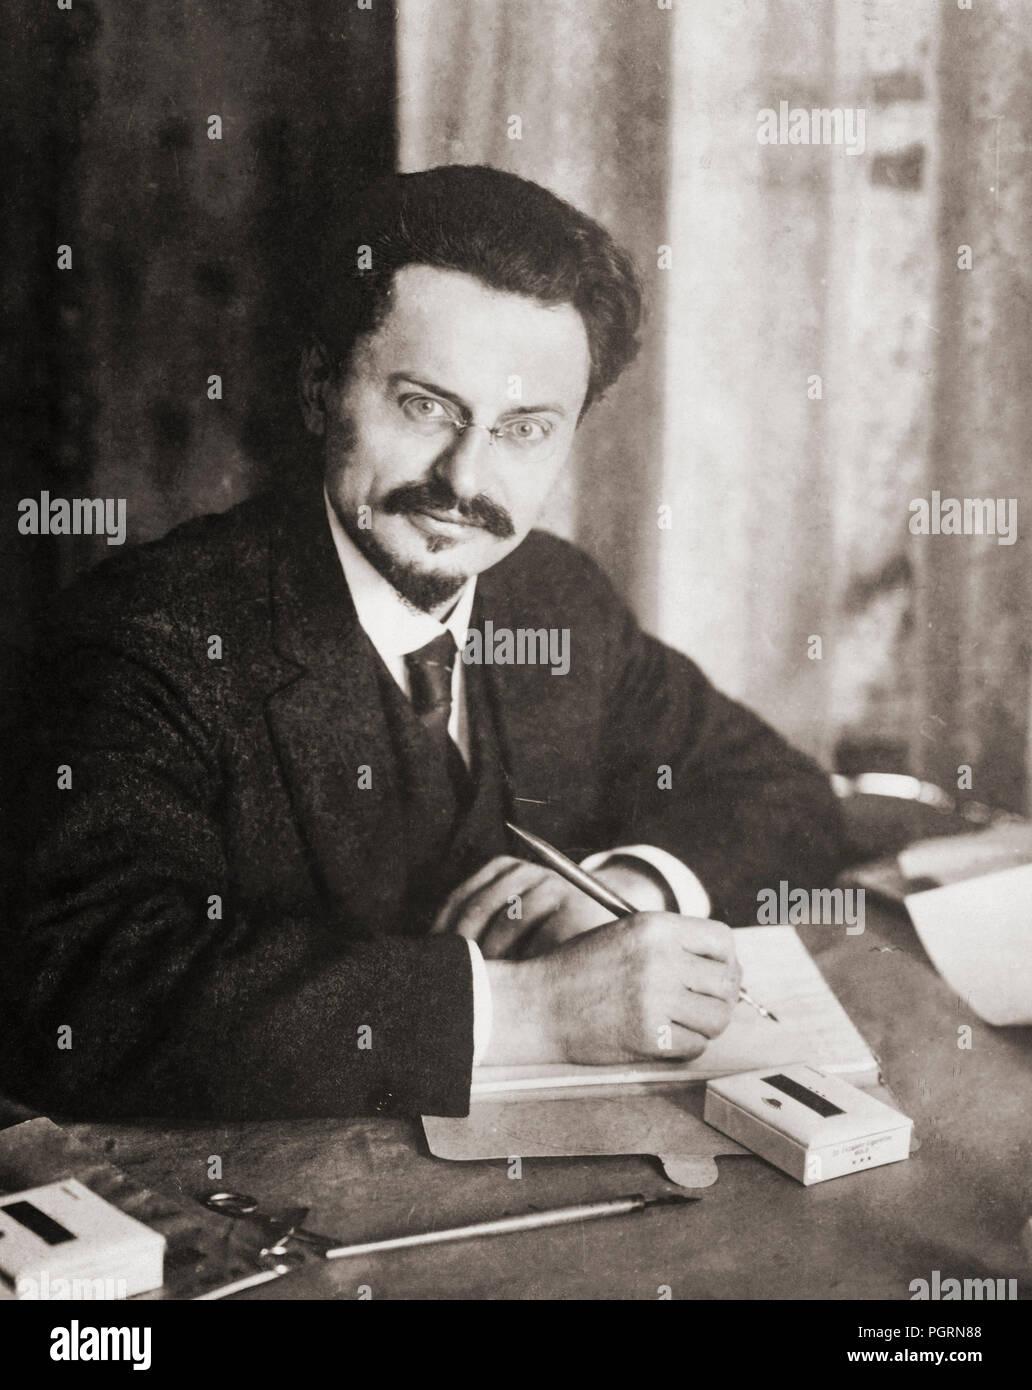 Leon Trotsky, born Lev Davidovich Bronstein, 1879-1940.  Russian politician and revolutionary. - Stock Image